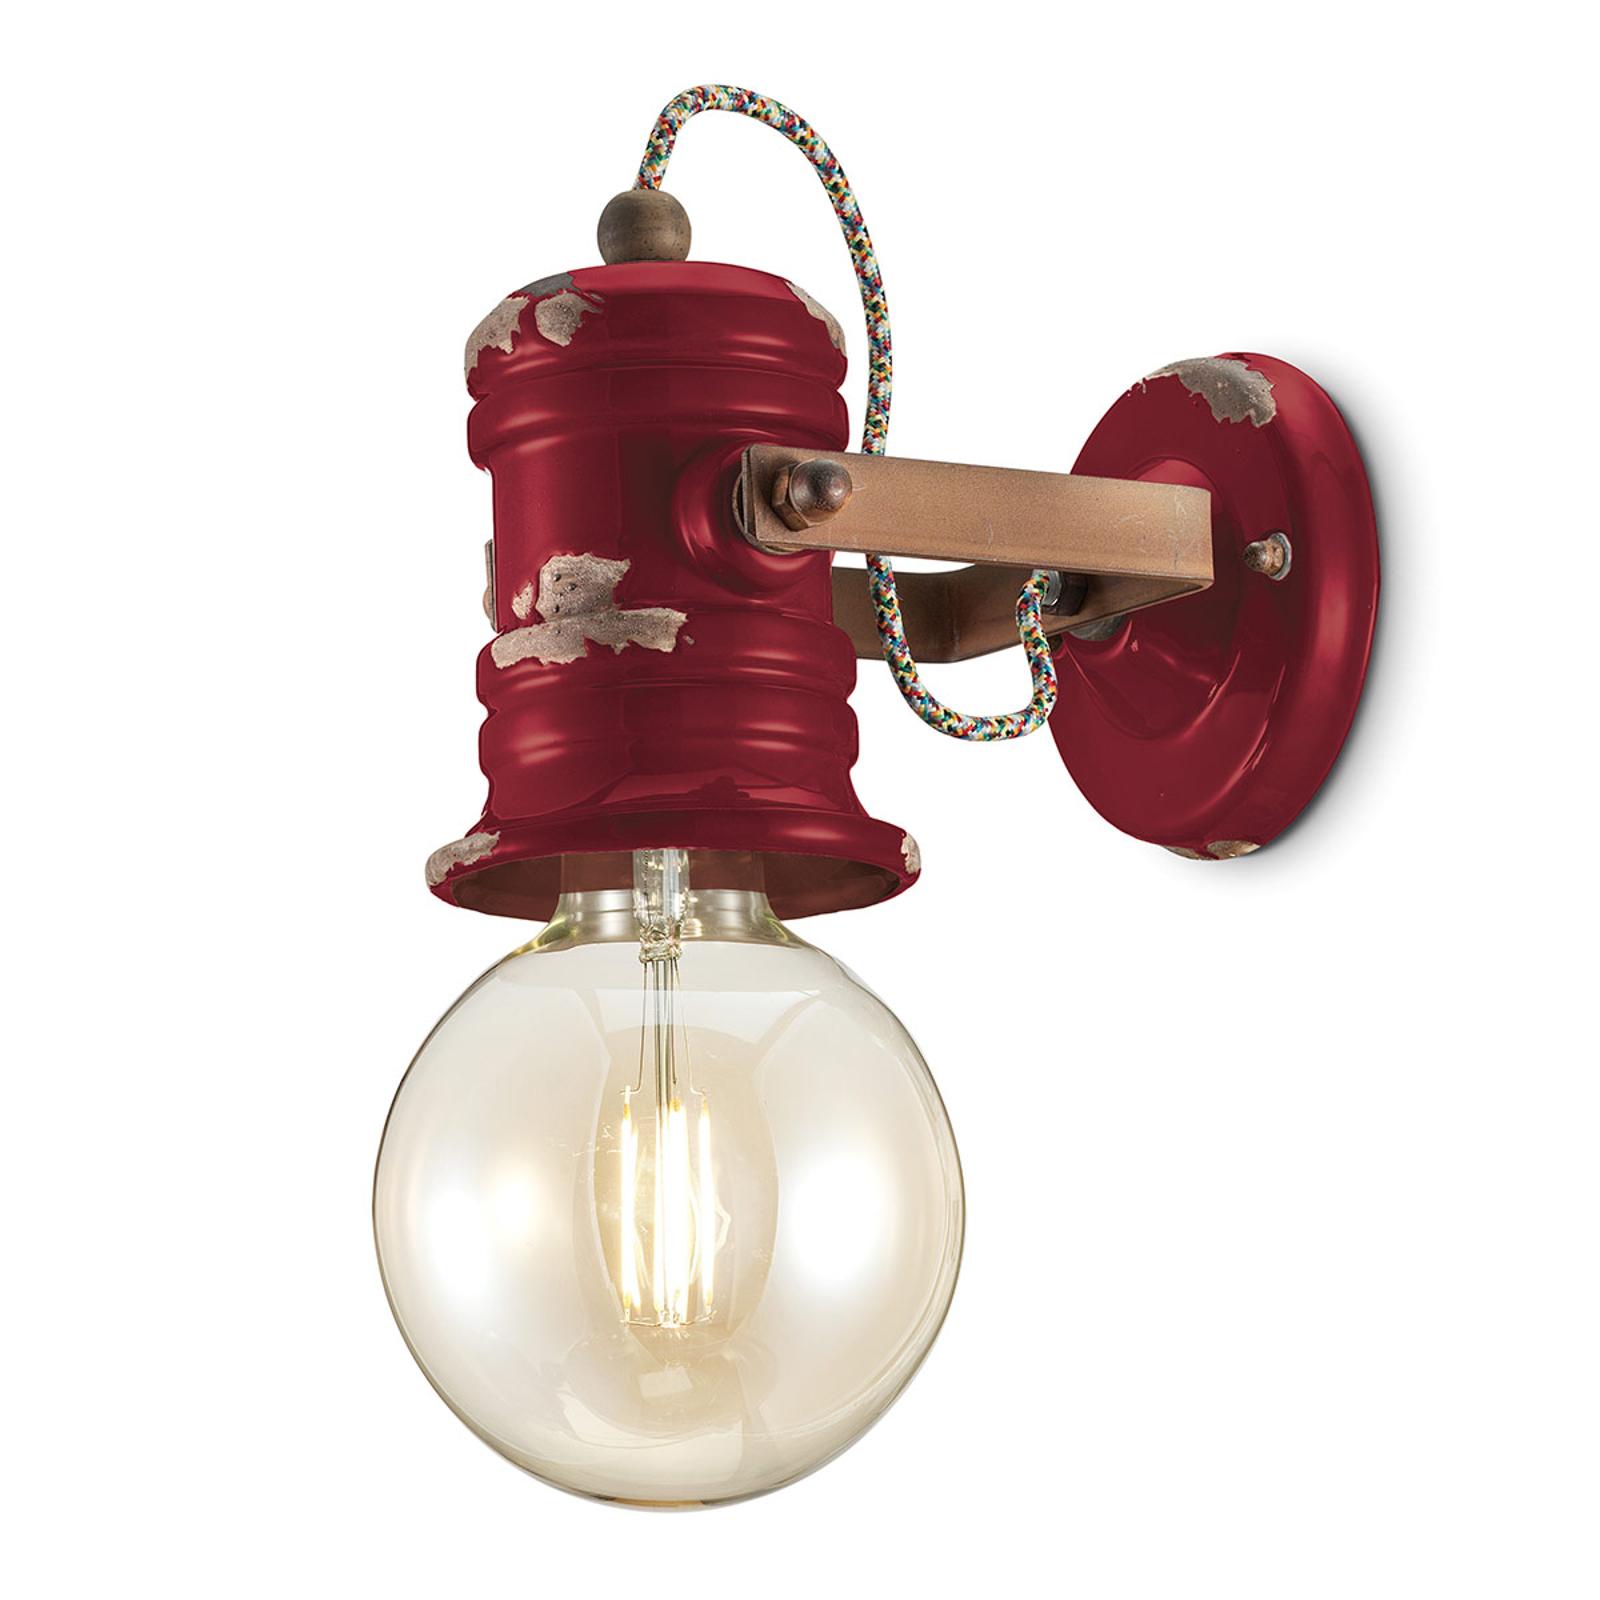 Vägglampa C1843 i vintage-design vinröd